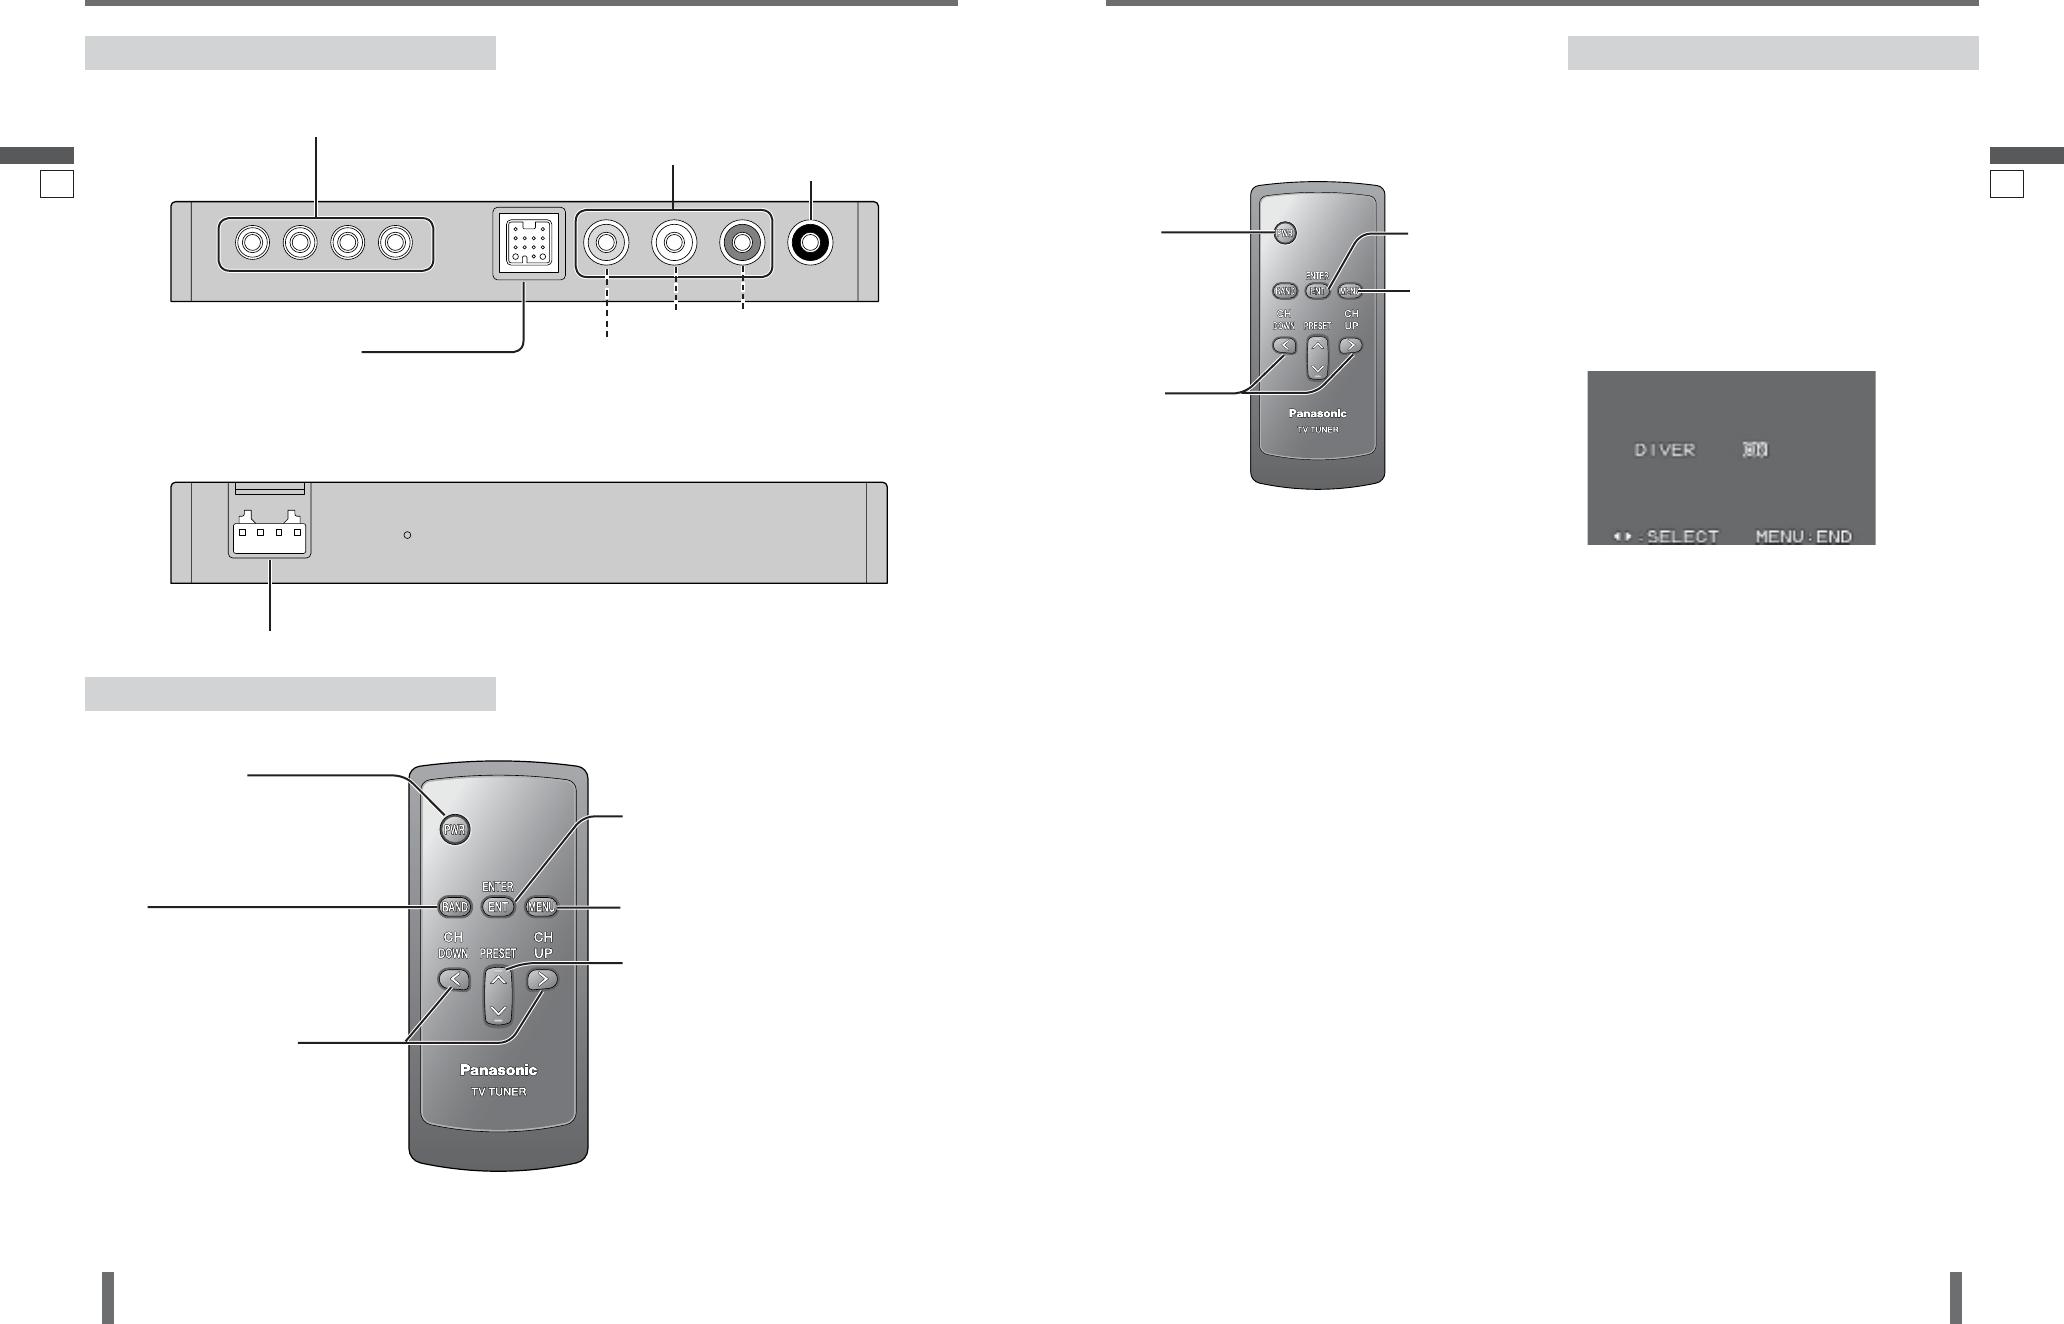 Panasonic Cy Tun153u Nombre De Controles Y Terminales Ajustes Diver Cq Vd6503u Wiring Diagram 83